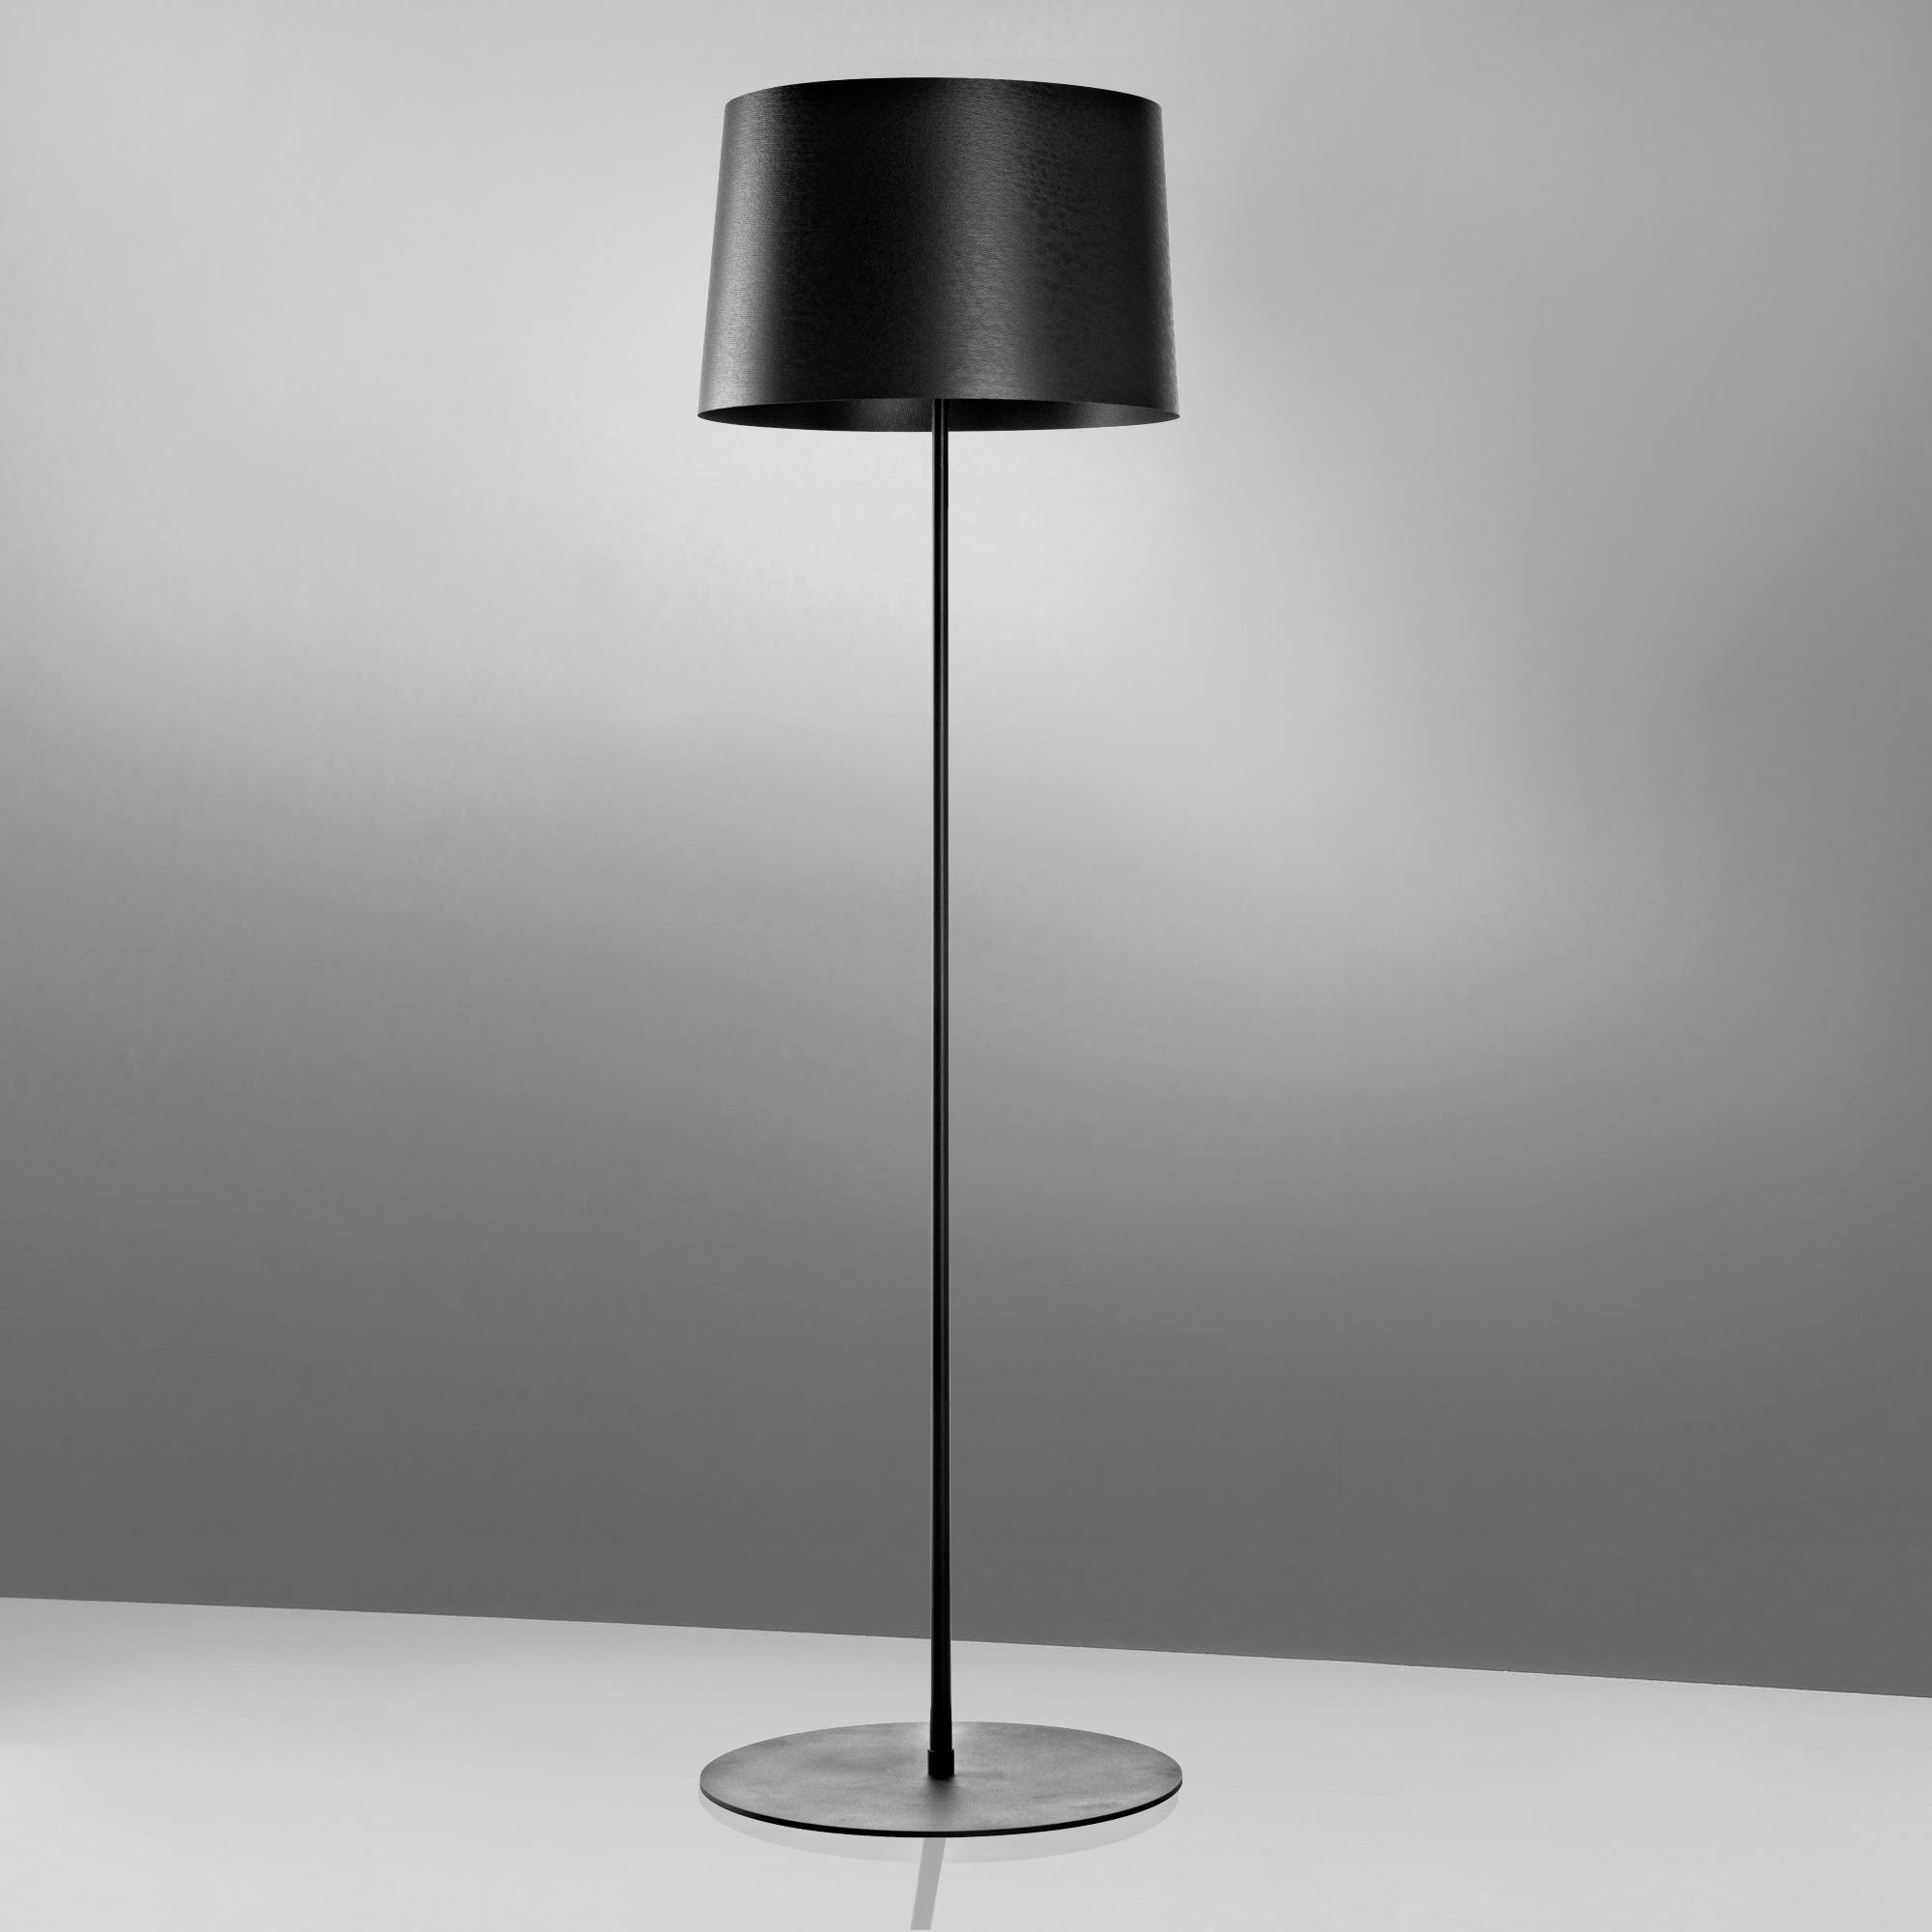 foscarini twiggy lettura terra stehleuchte mit dimmer 15900420 reuter onlineshop. Black Bedroom Furniture Sets. Home Design Ideas